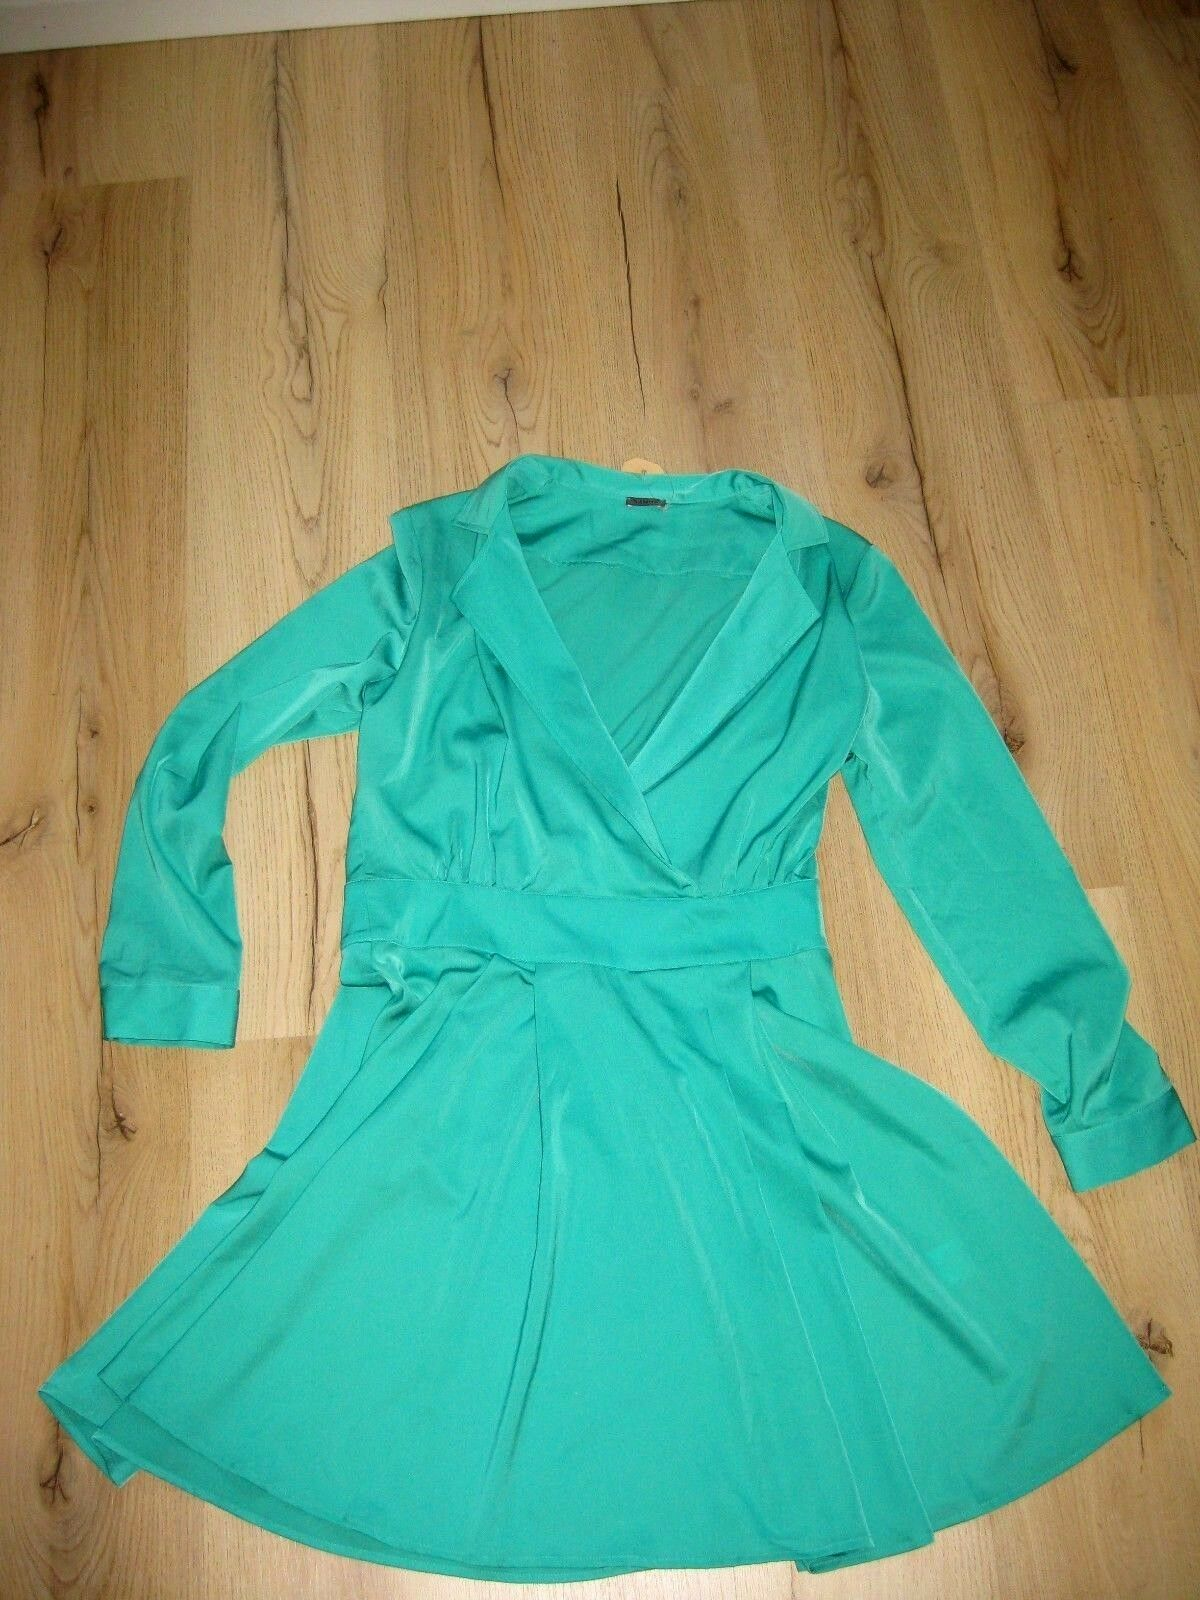 Kleid Sienna Impressionen grün Gr. 40 40 40 42 0f2120